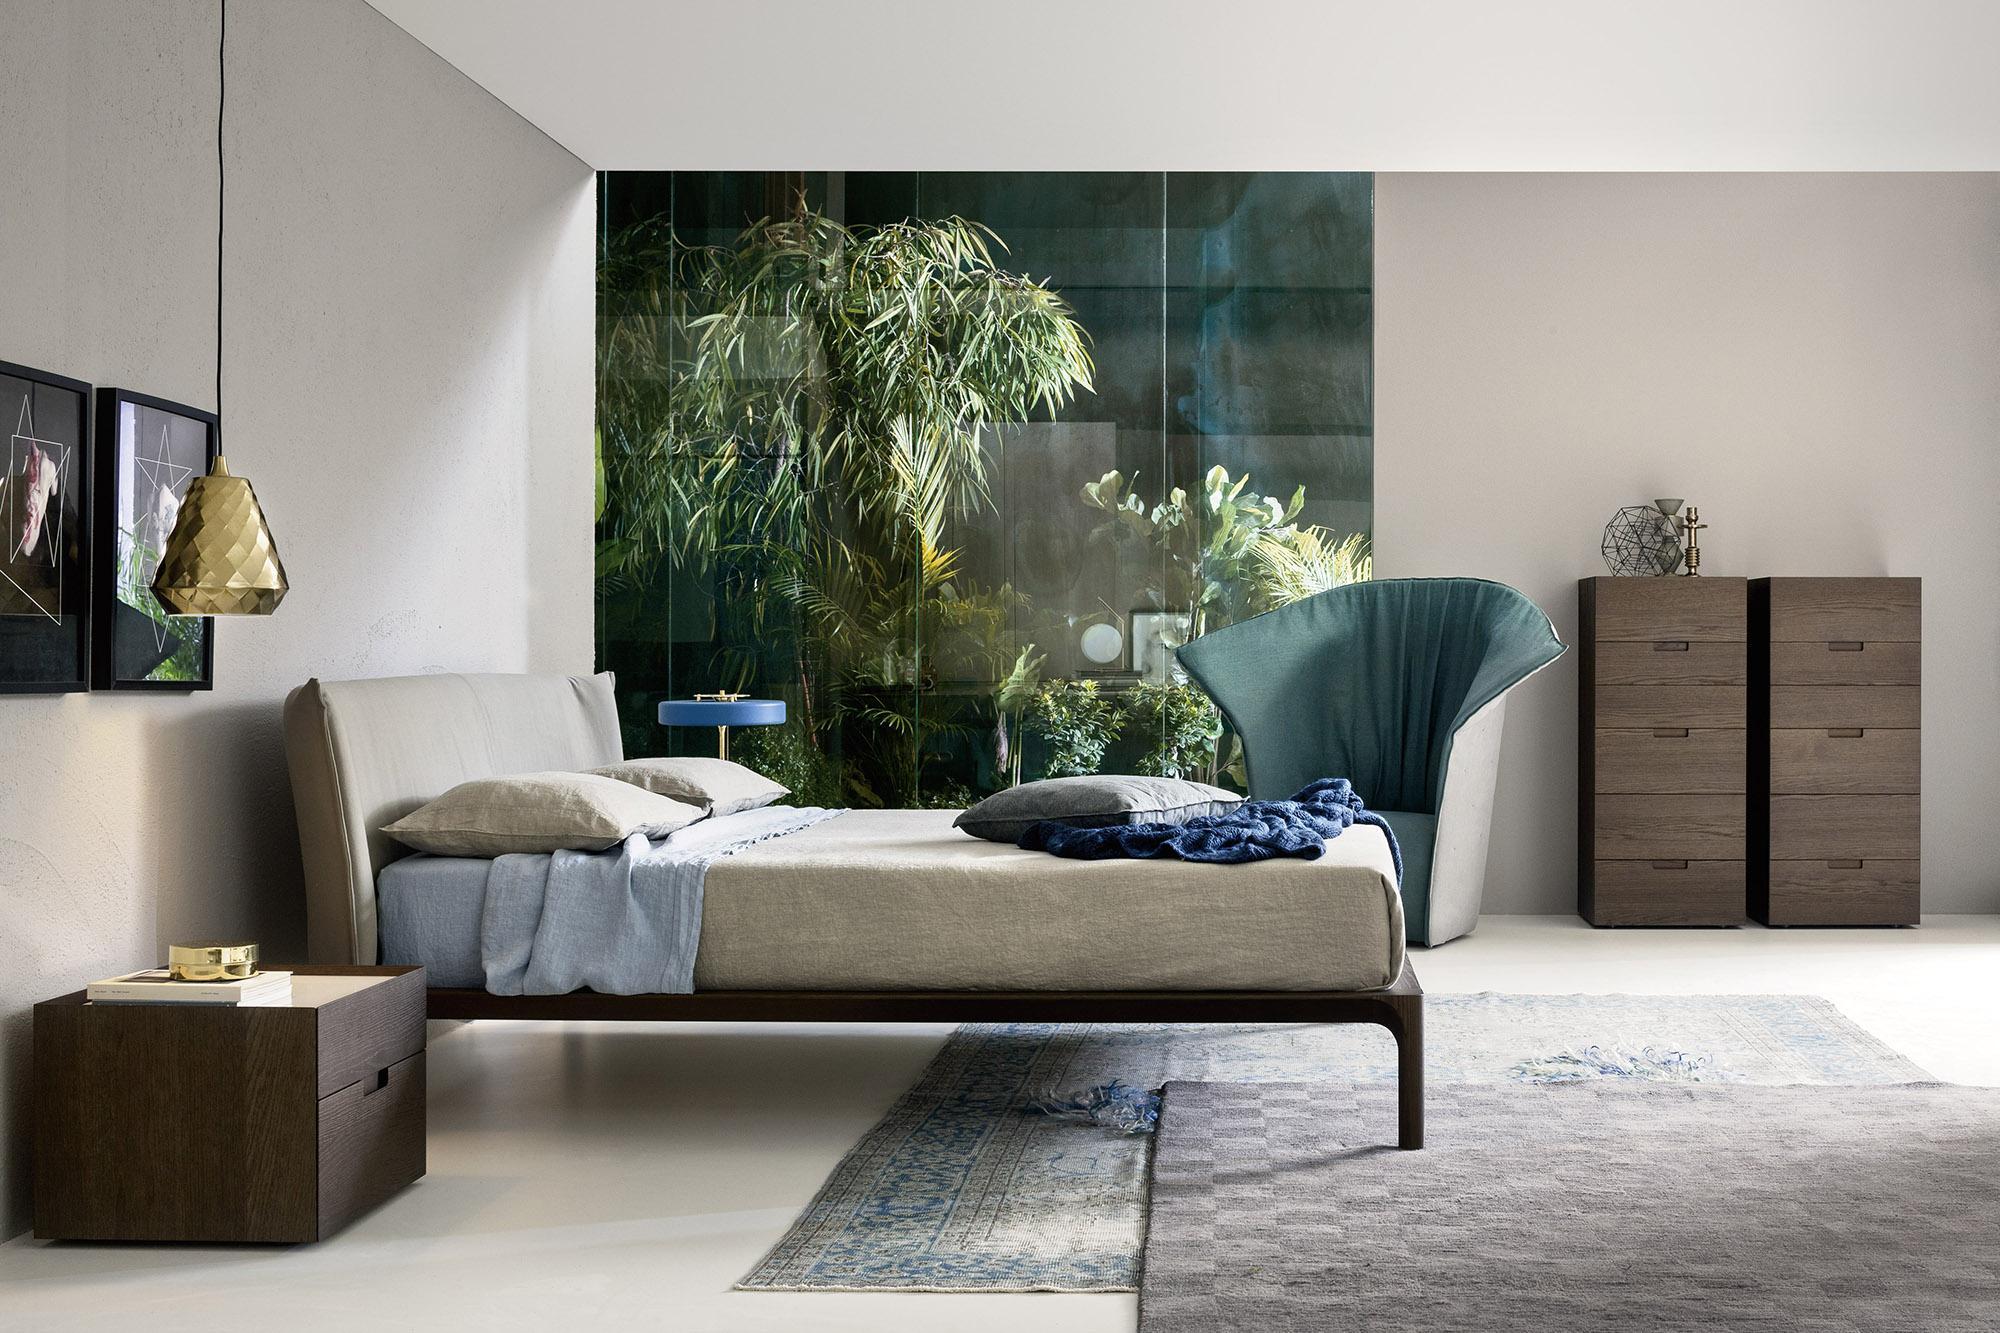 Full Size of Modernes Design Schlafzimmer Bett Teppich Sessel Schranksysteme Weißes Landhausstil Weiß Komplette Massivholz Set Kommode Deckenleuchten Komplett Günstig Schlafzimmer Sessel Schlafzimmer